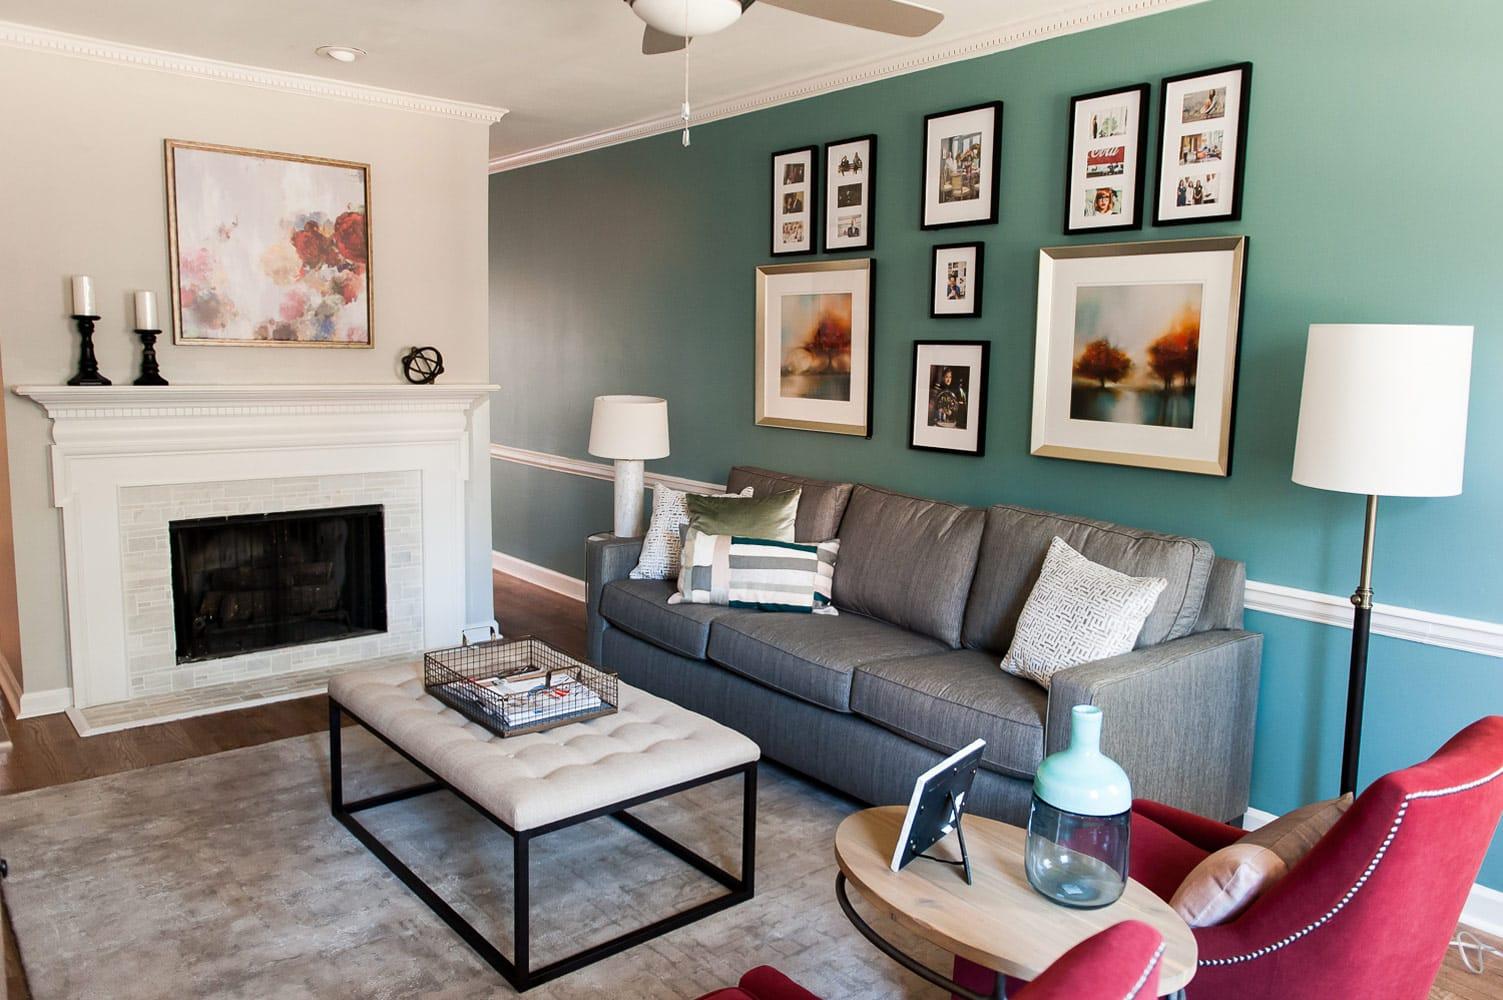 Wieuca Road living room interiors Atlanta